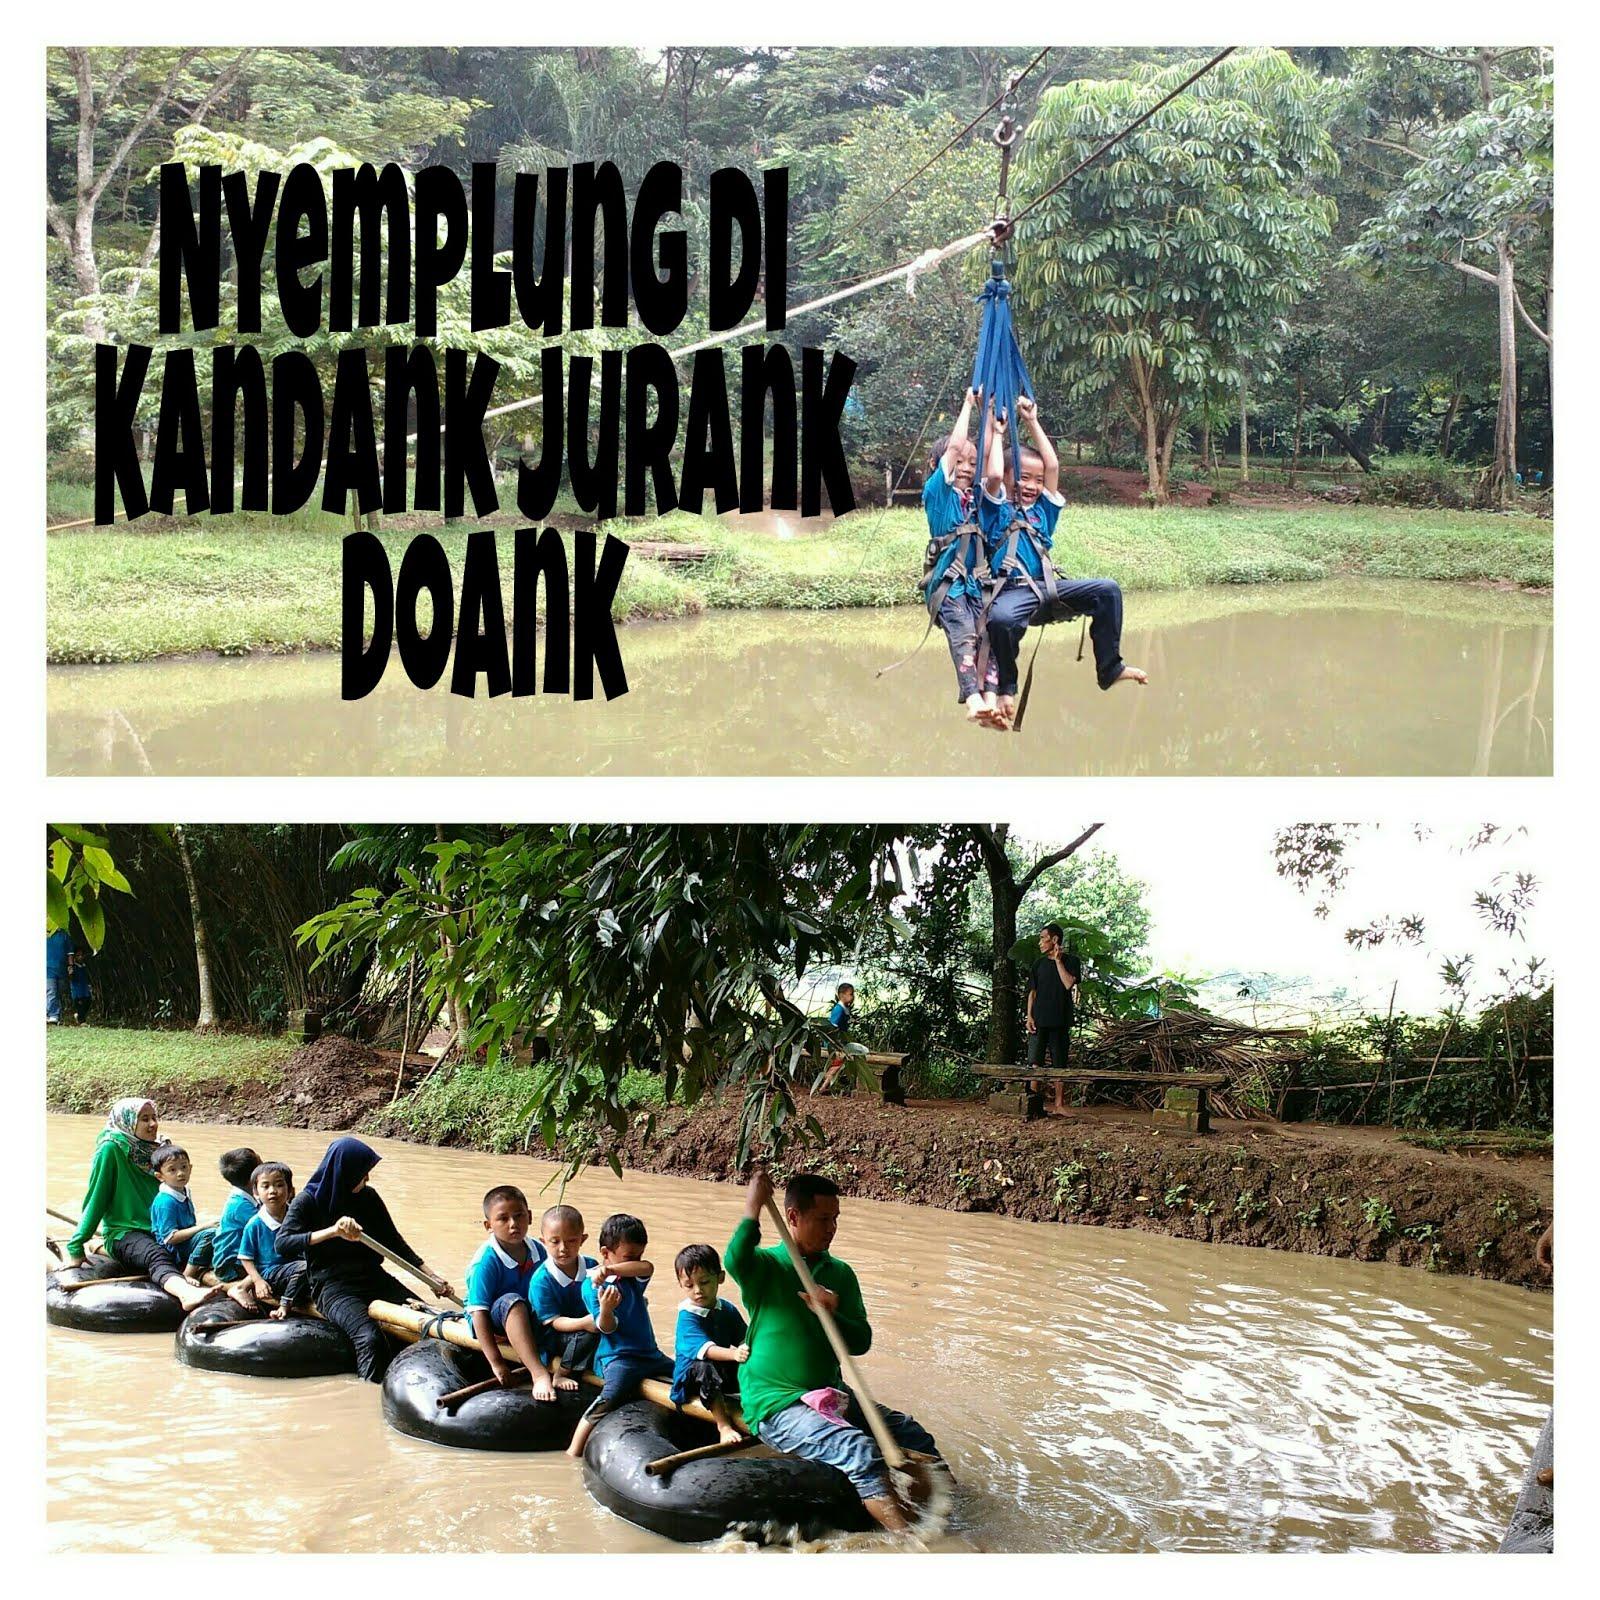 Stories Woman Jjs Jumat Jelang Sabtu Nyemplung Kandank Jurank Doank